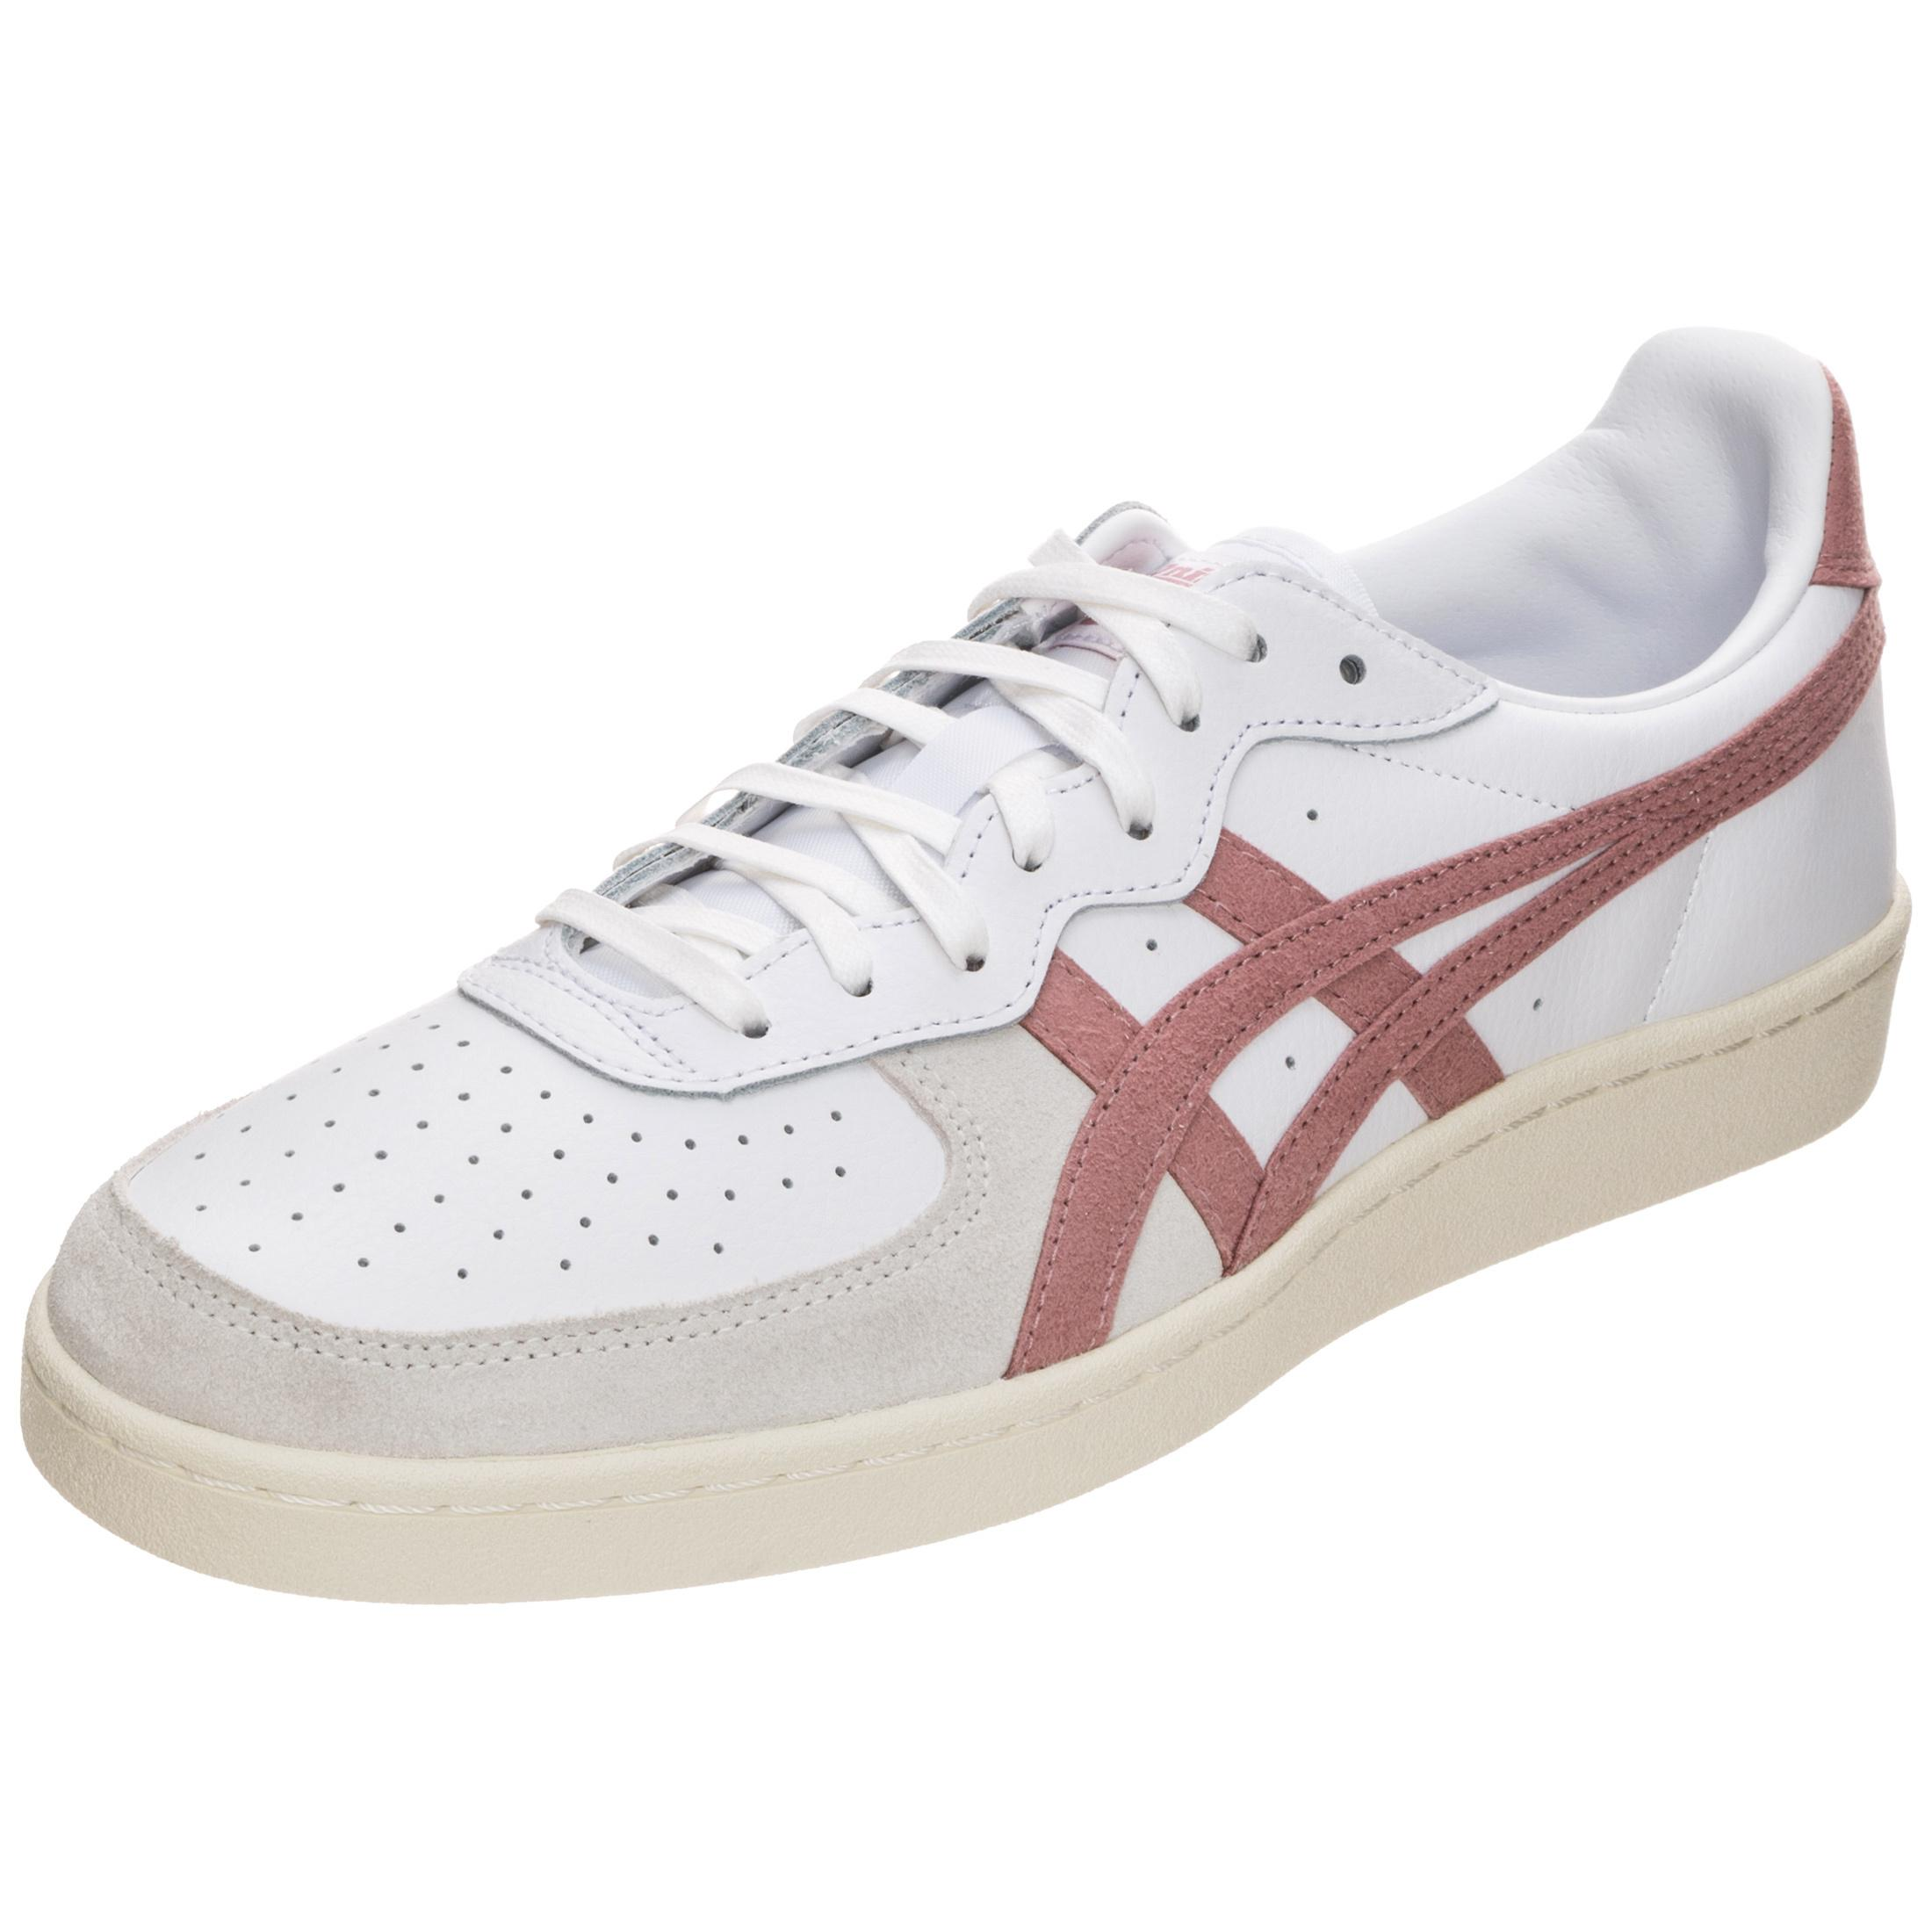 ASICS GSM Sneaker Herren weiß / rosa im Online Shop Shop Shop von SportScheck kaufen Gute Qualität beliebte Schuhe cd6203